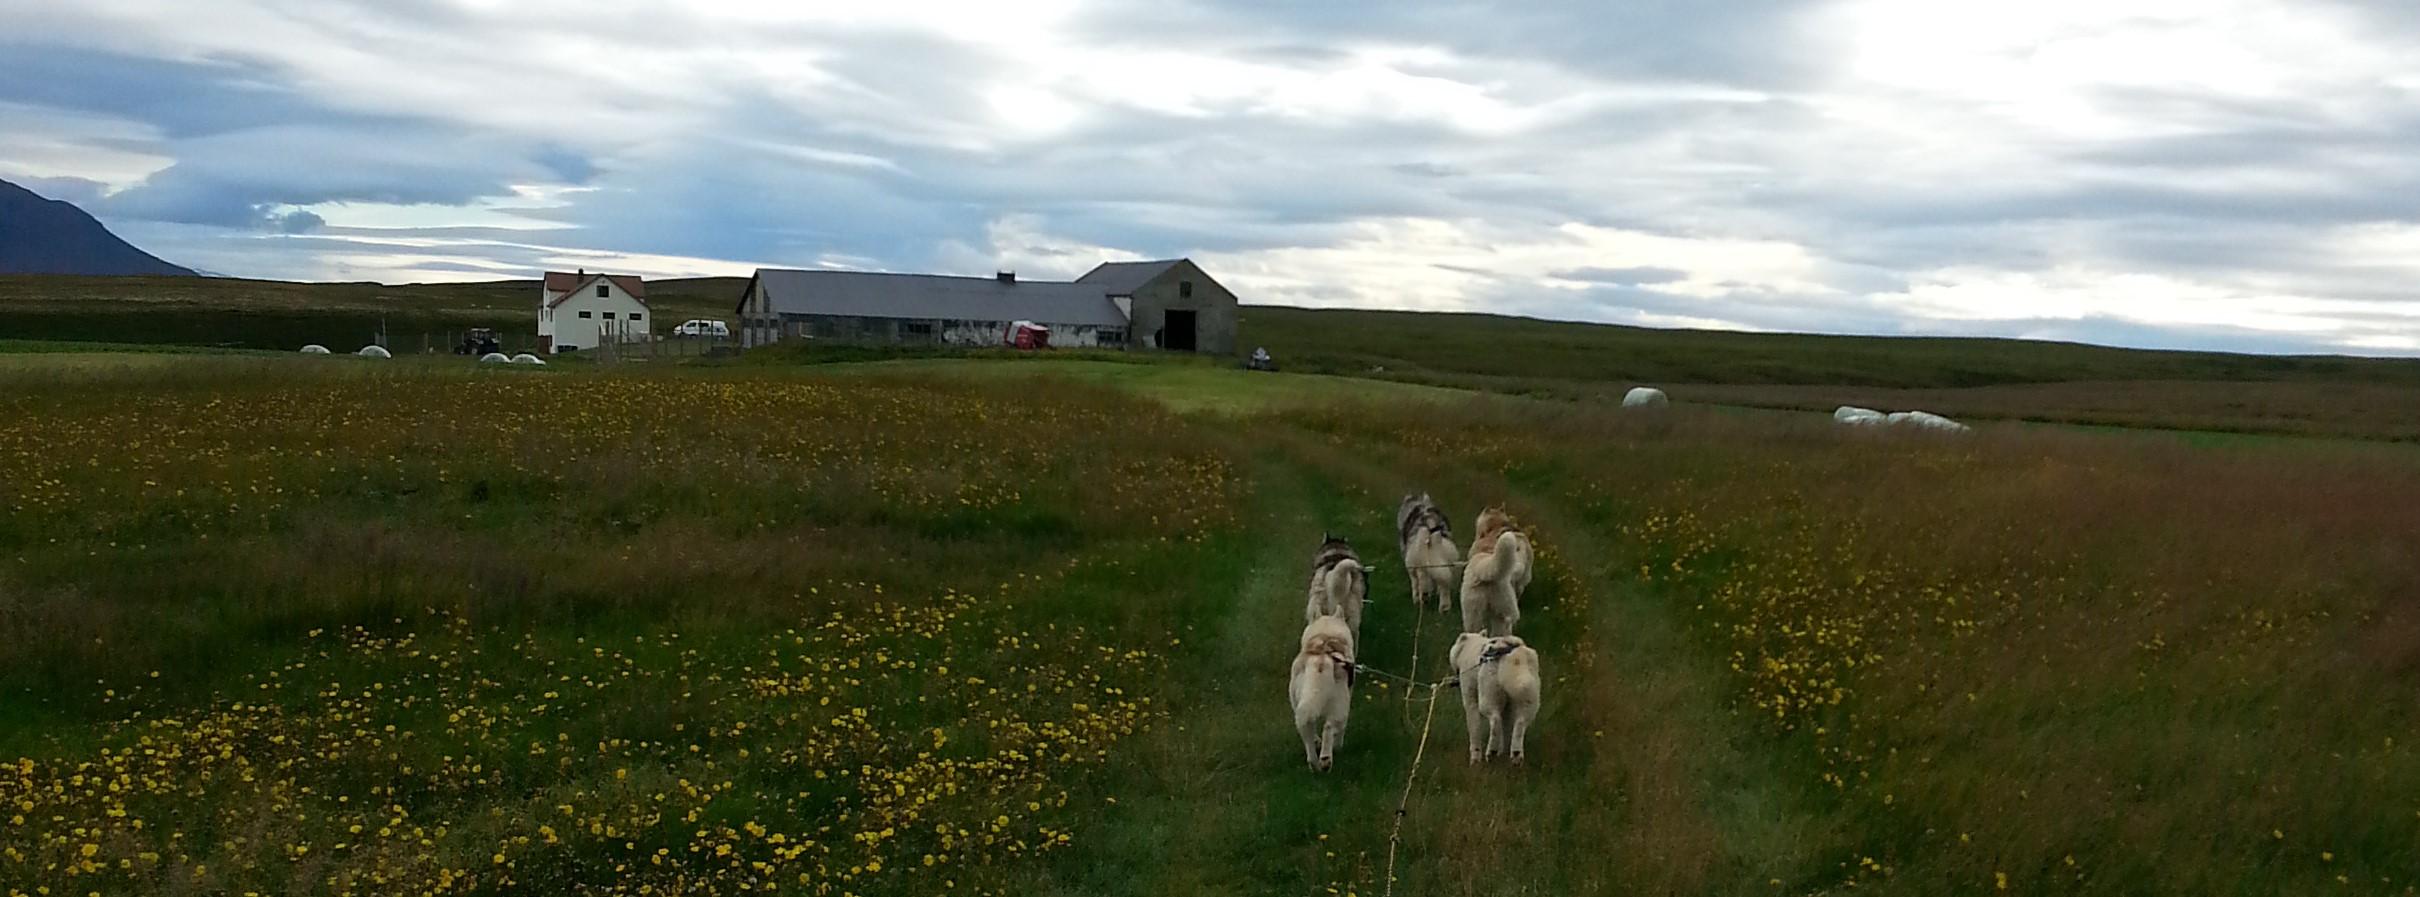 Race tijdens een hondenkartocht over het platteland in de buurt van het meer Mývatn.